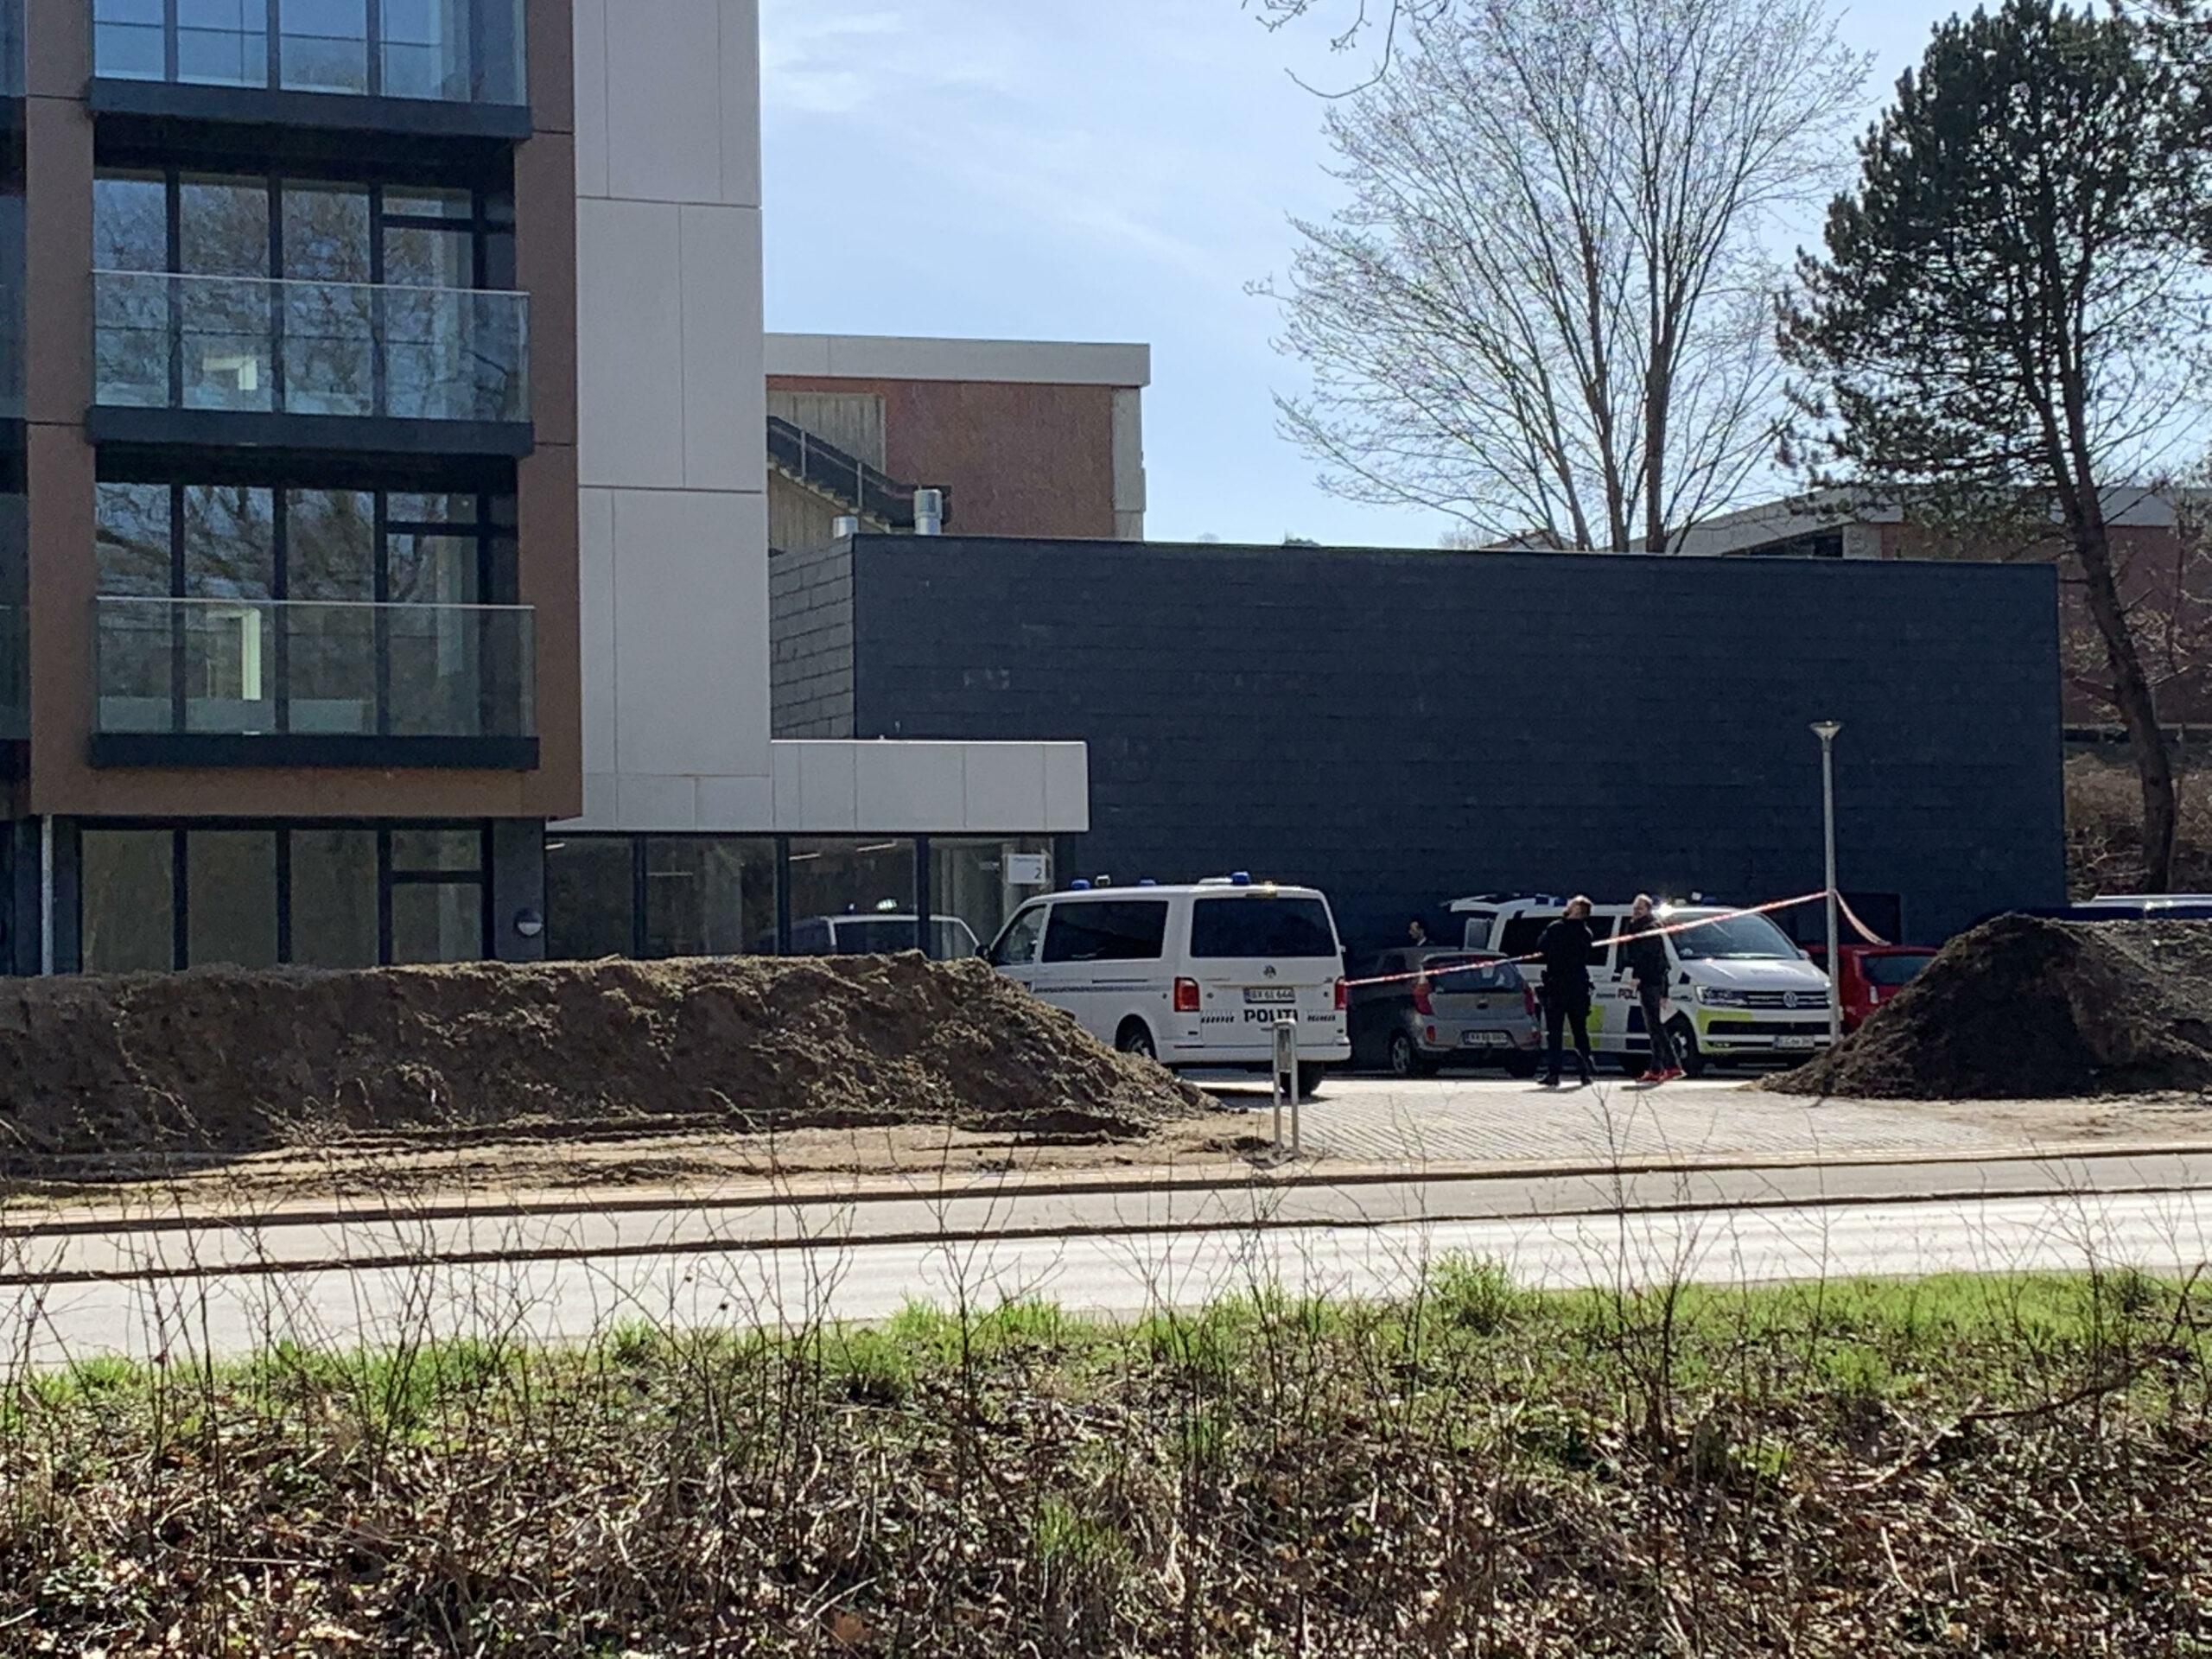 Politiet undersøger mistænkeligt dødsfald i Kolding